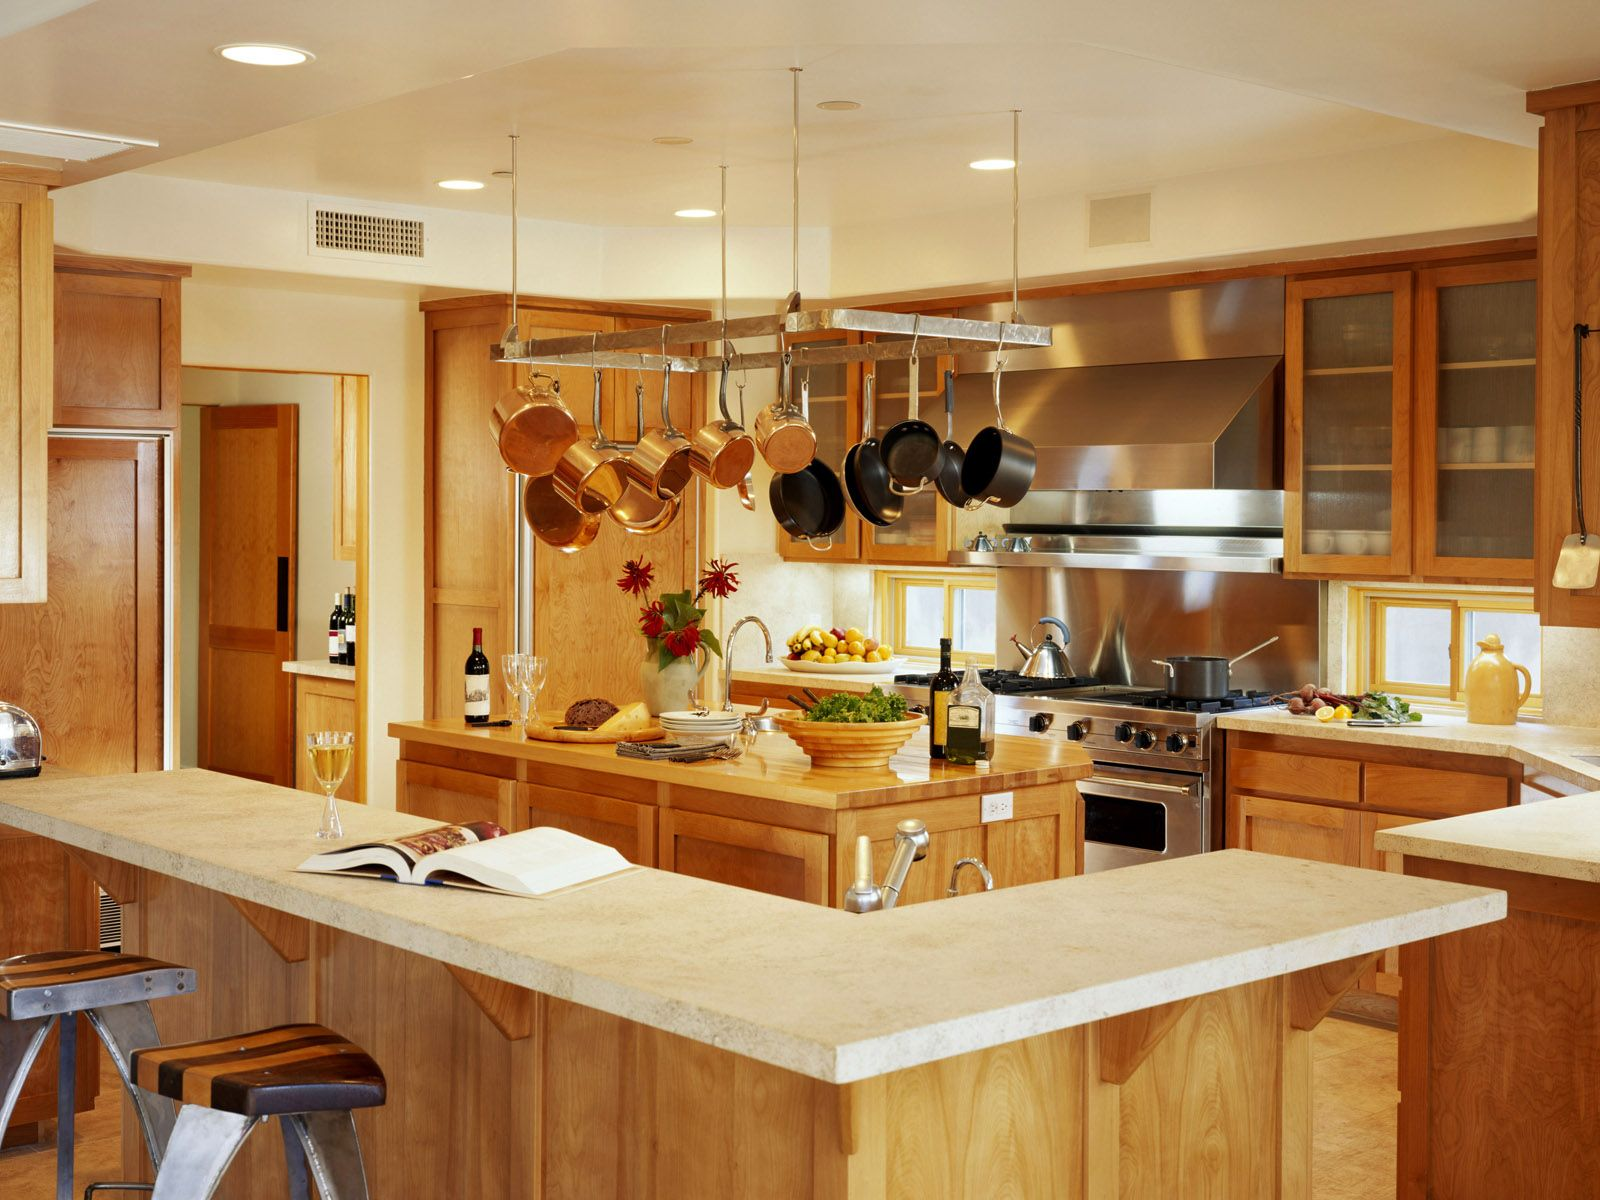 24 Most Creative Kitchen Island Ideas Design Trends